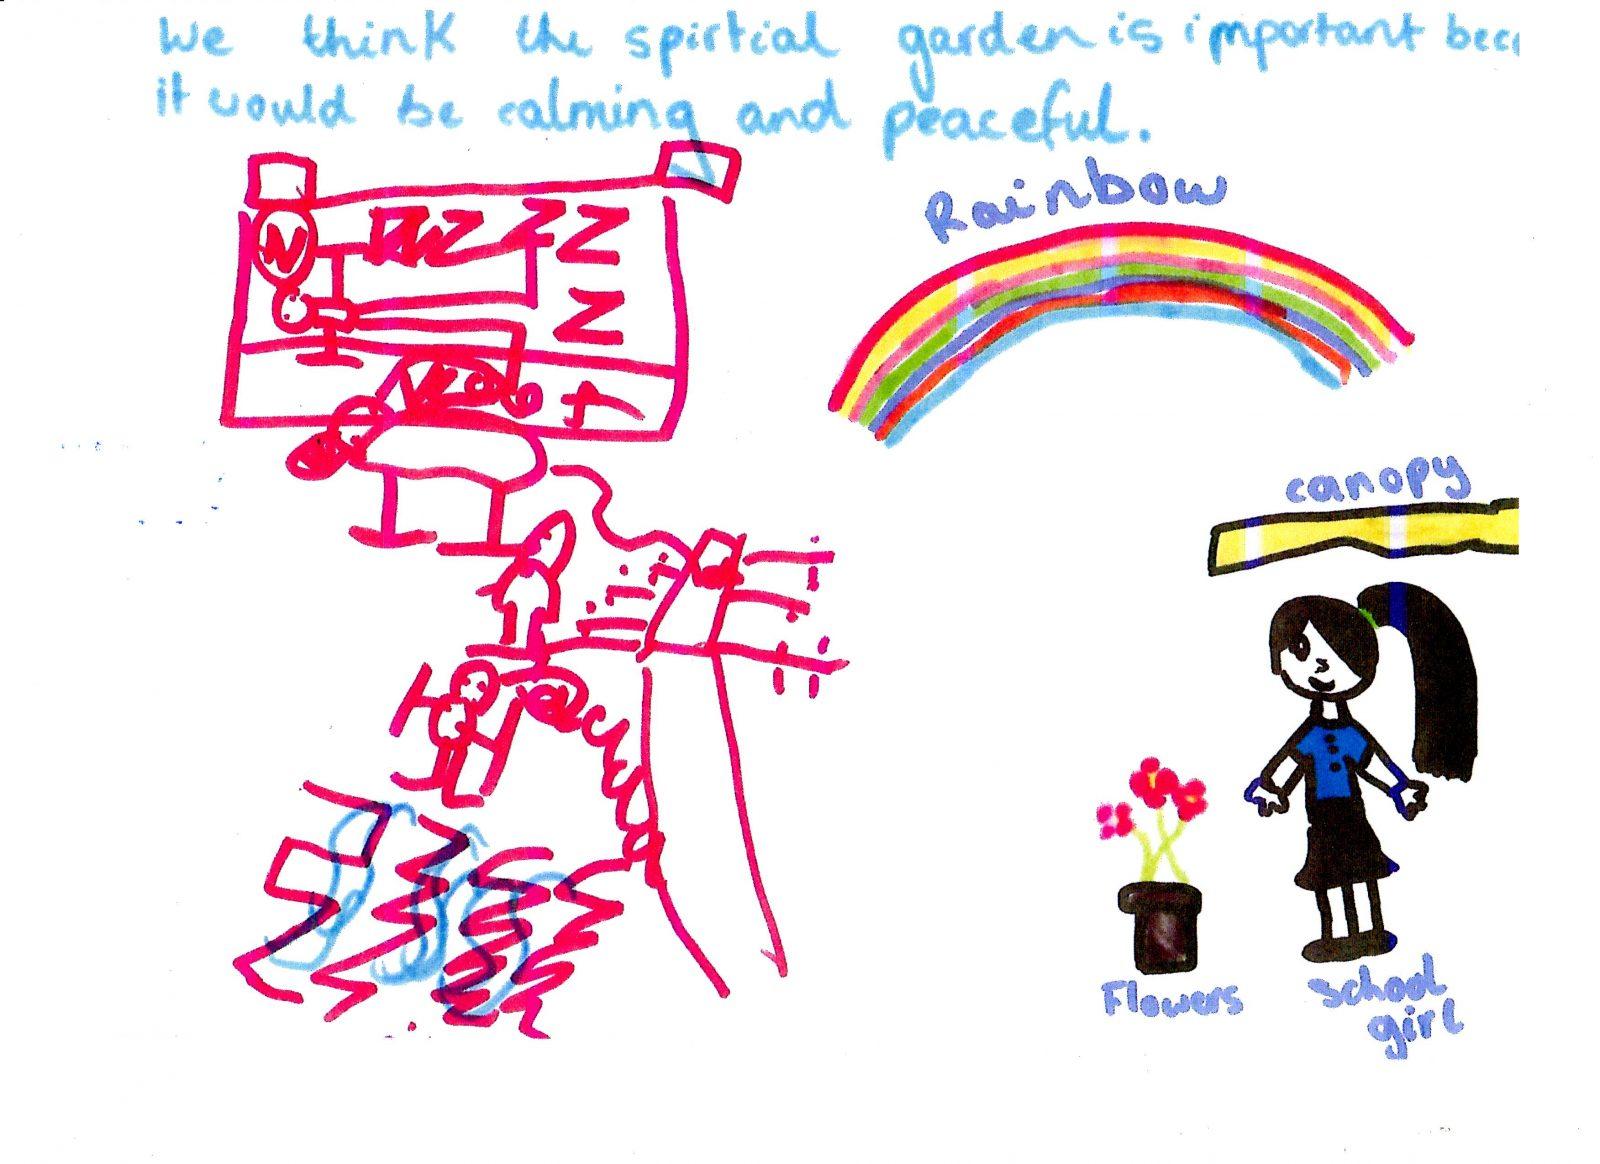 Ideas for a school garden